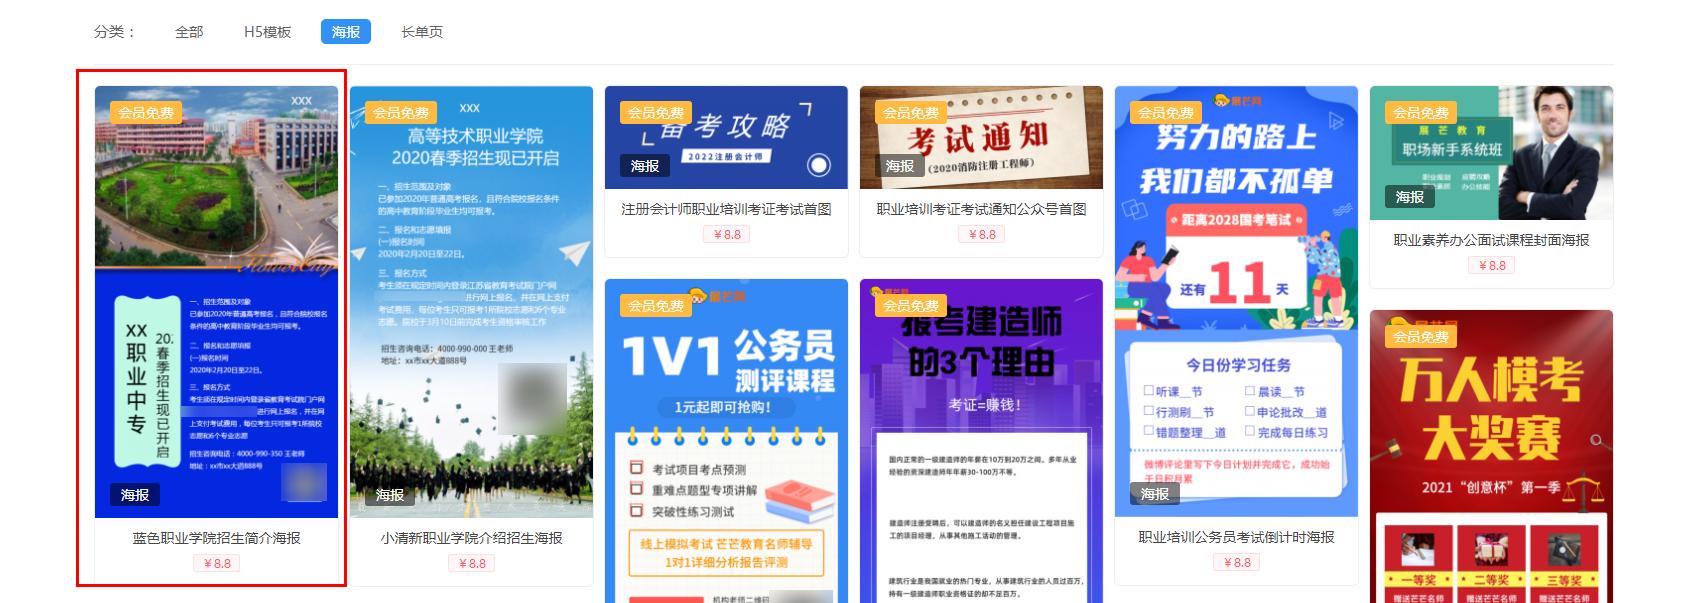 职业学校招生宣传海报(1)